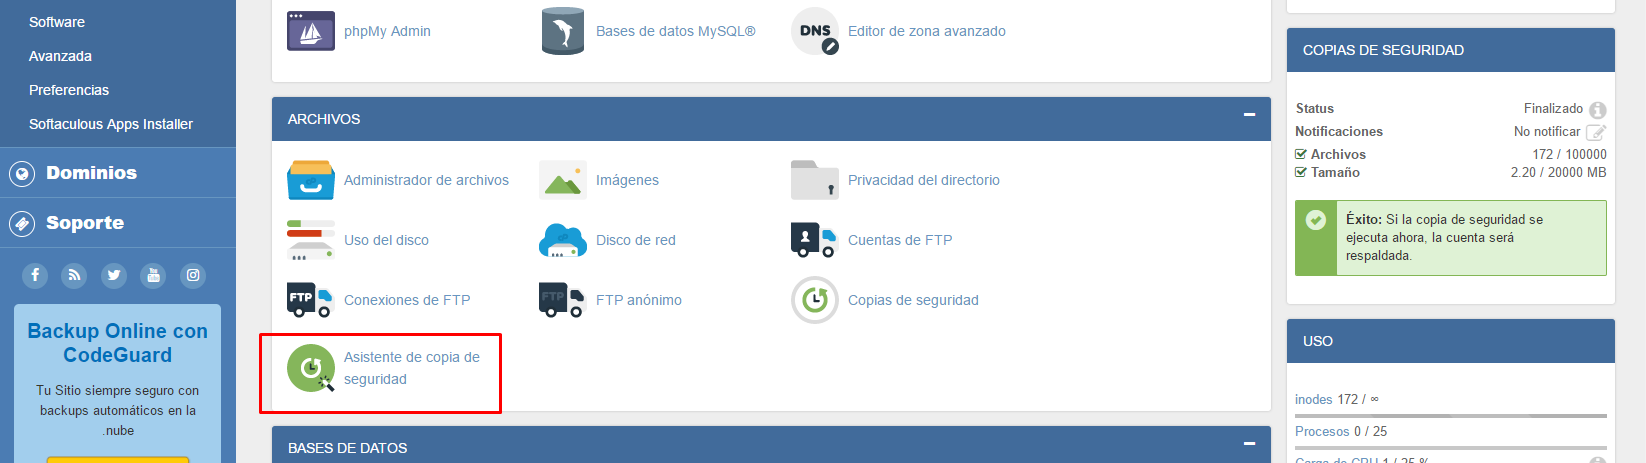 asis_de_Copia_de_seguridad.png